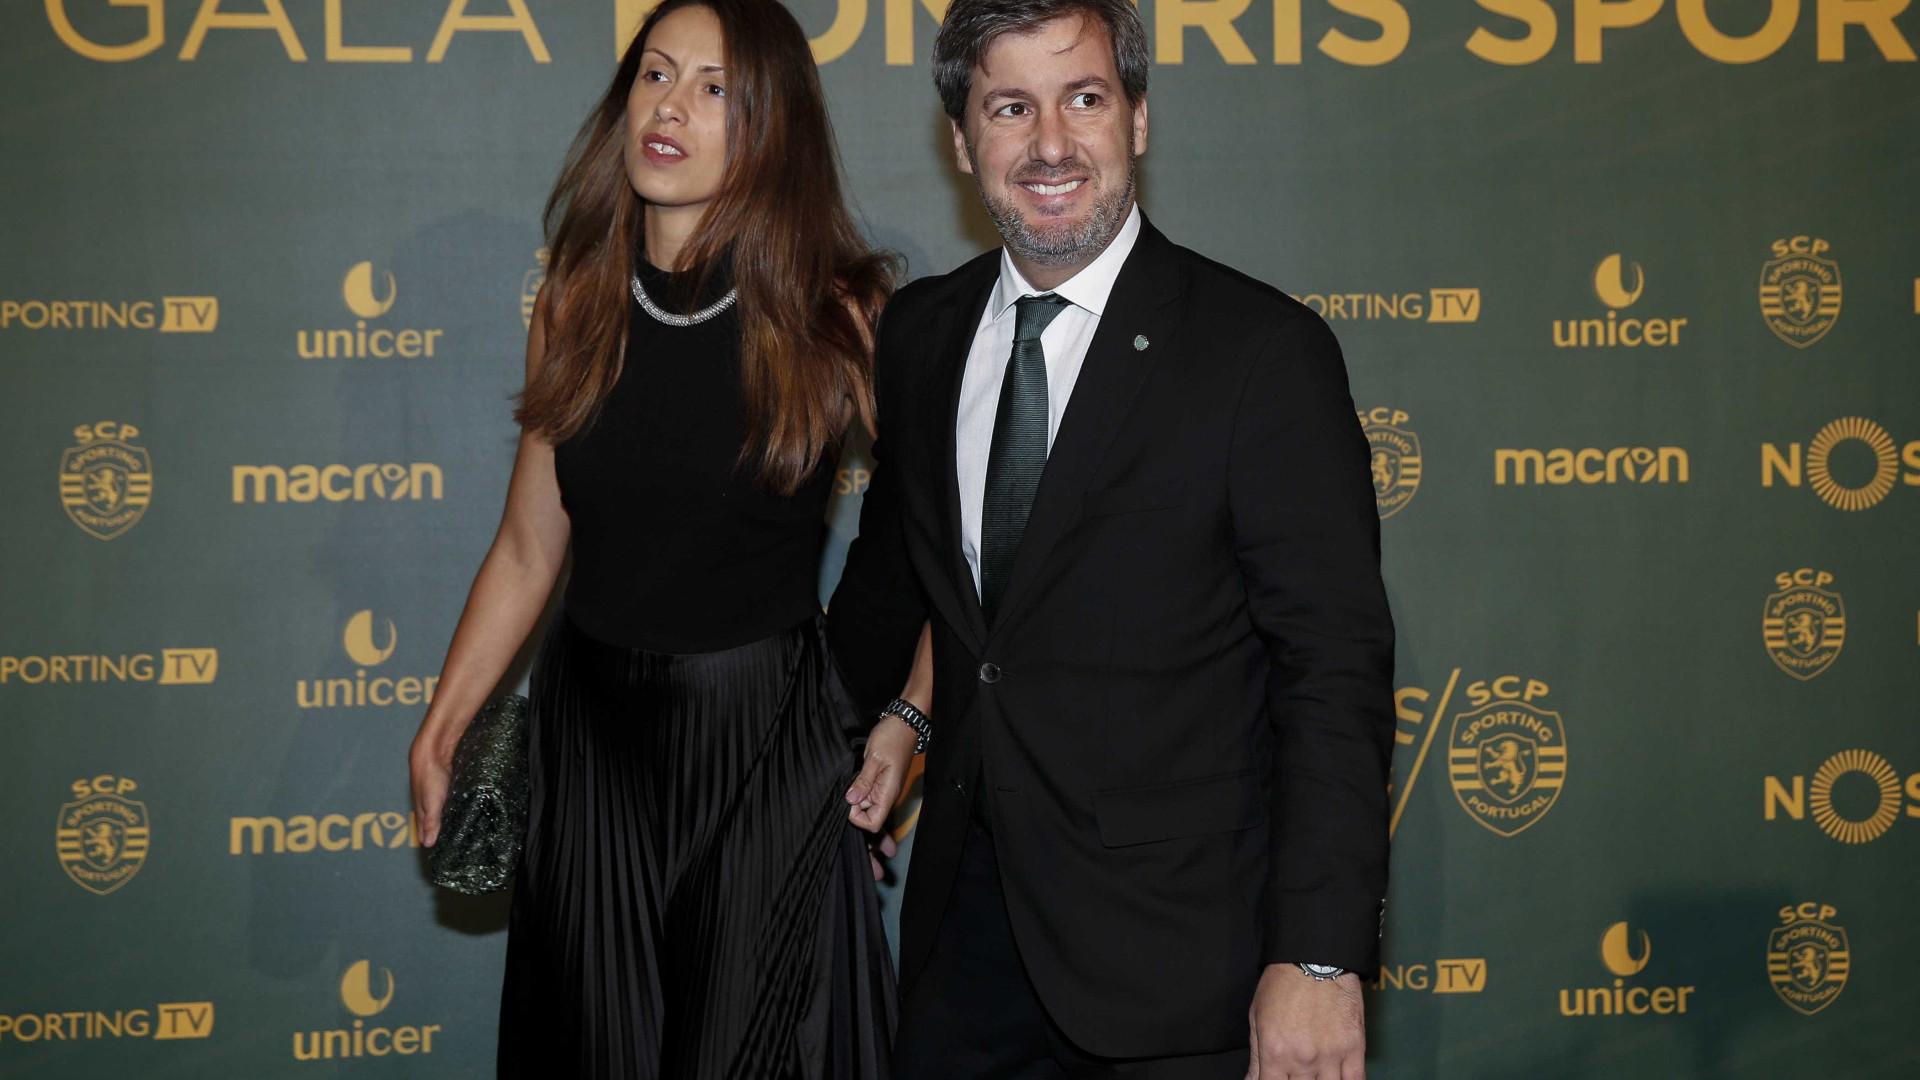 Quatro meses após o casamento, Bruno de Carvalho já não vive com a esposa